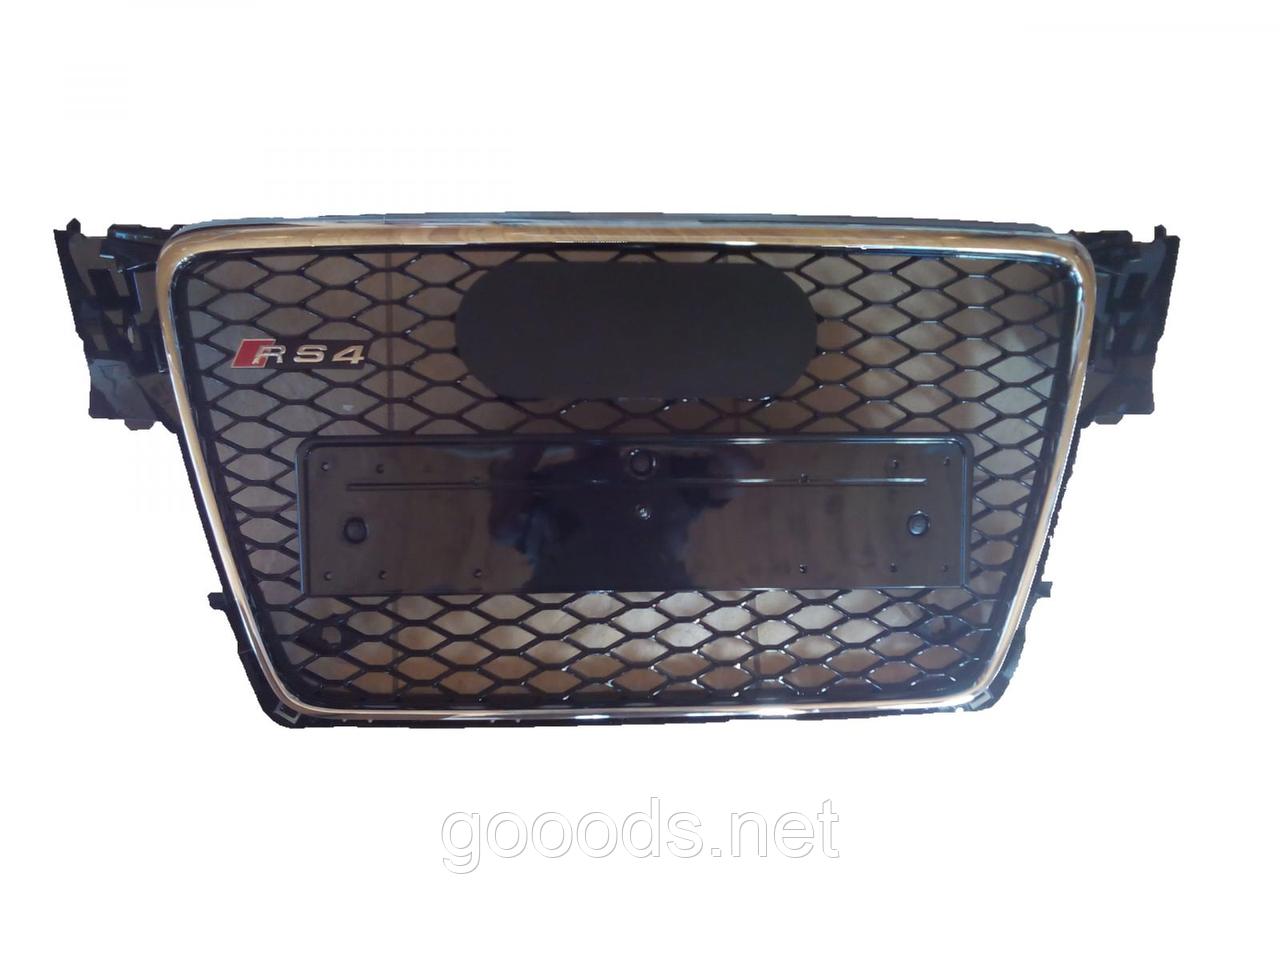 Решетка радиатора Audi A4 стиль RS4 (08-12)